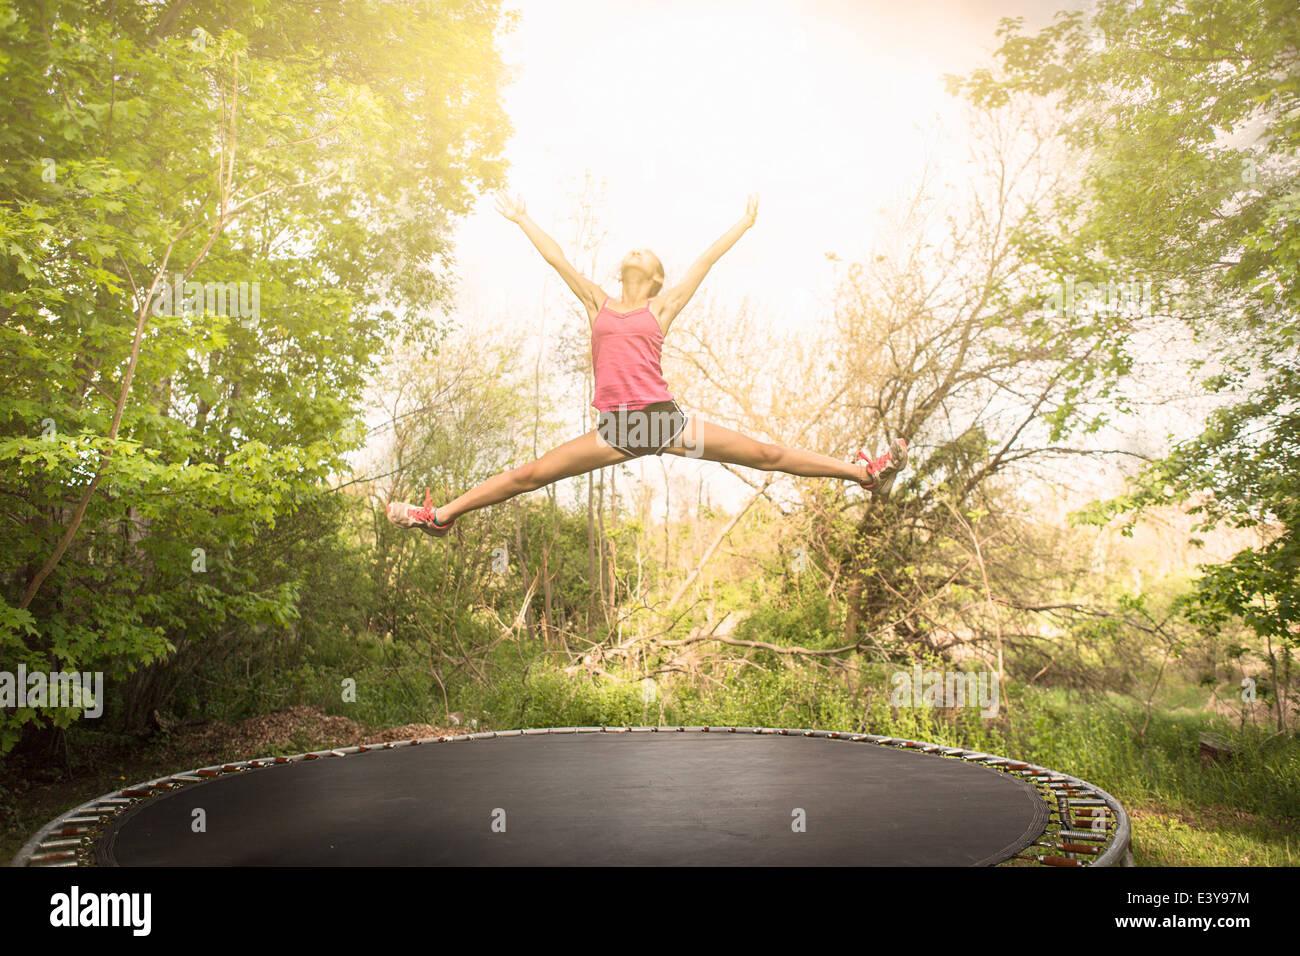 Teenager-Mädchen Sterne springen auf dem Trampolin, im Freien zu tun Stockbild